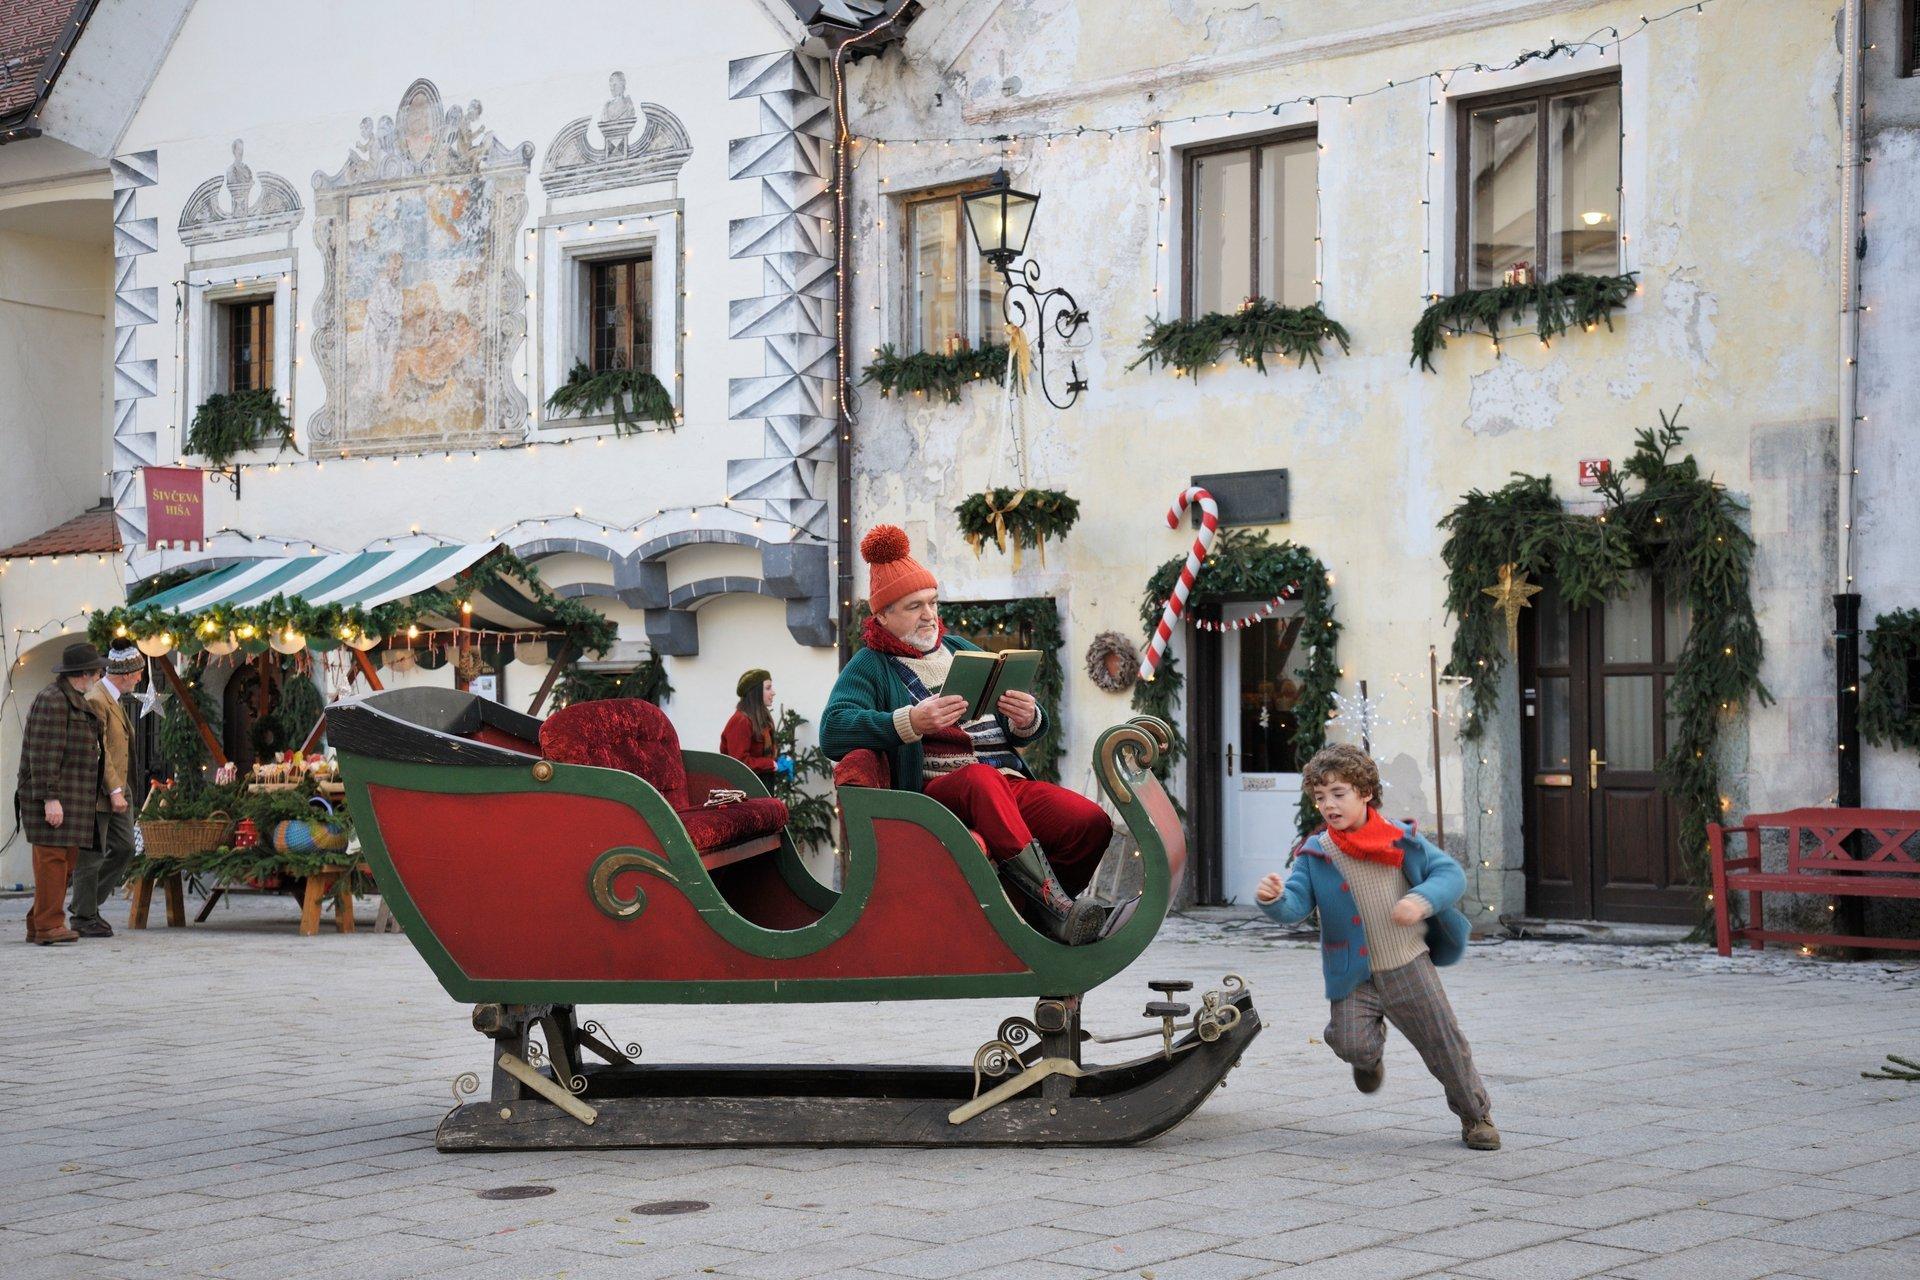 Christmas Market in Radovljica 2020